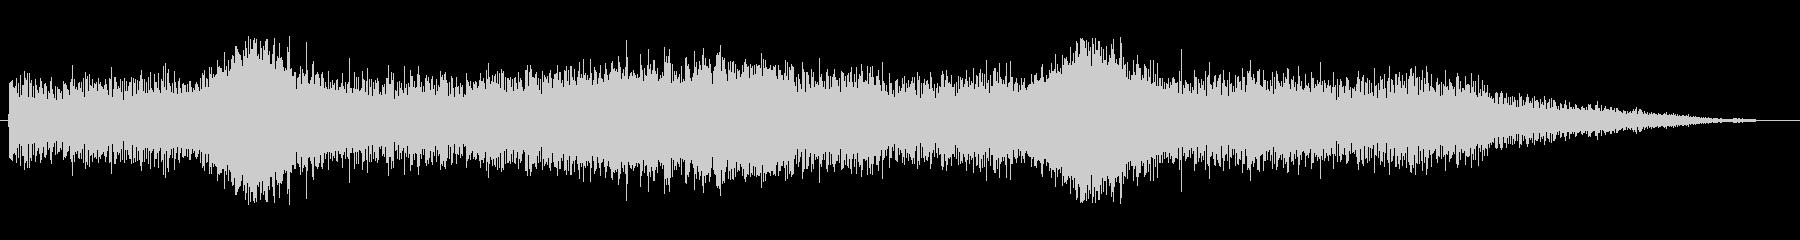 テクスチャ壁FXの未再生の波形